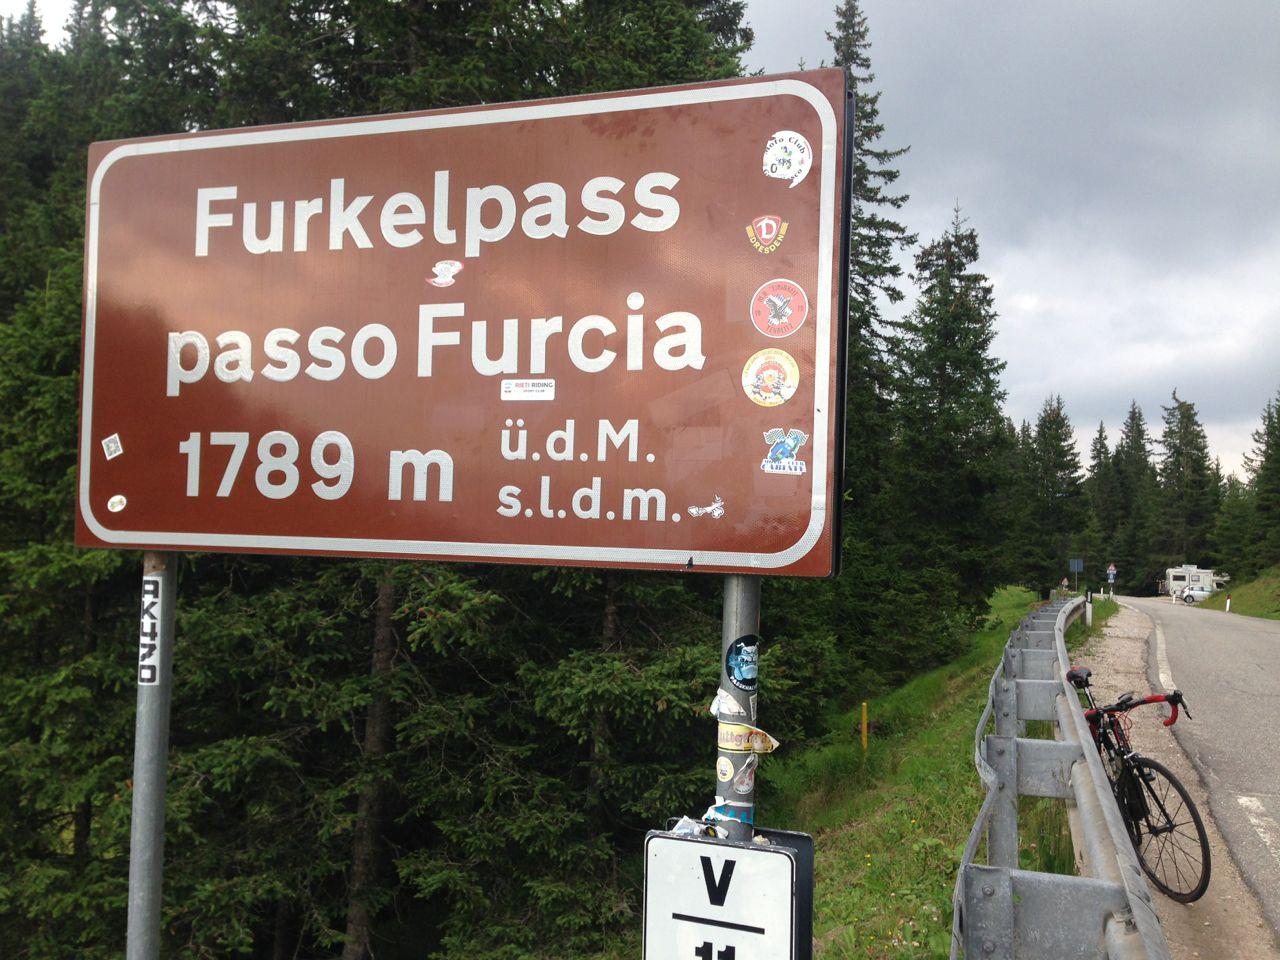 Passo Furcia (1789m)